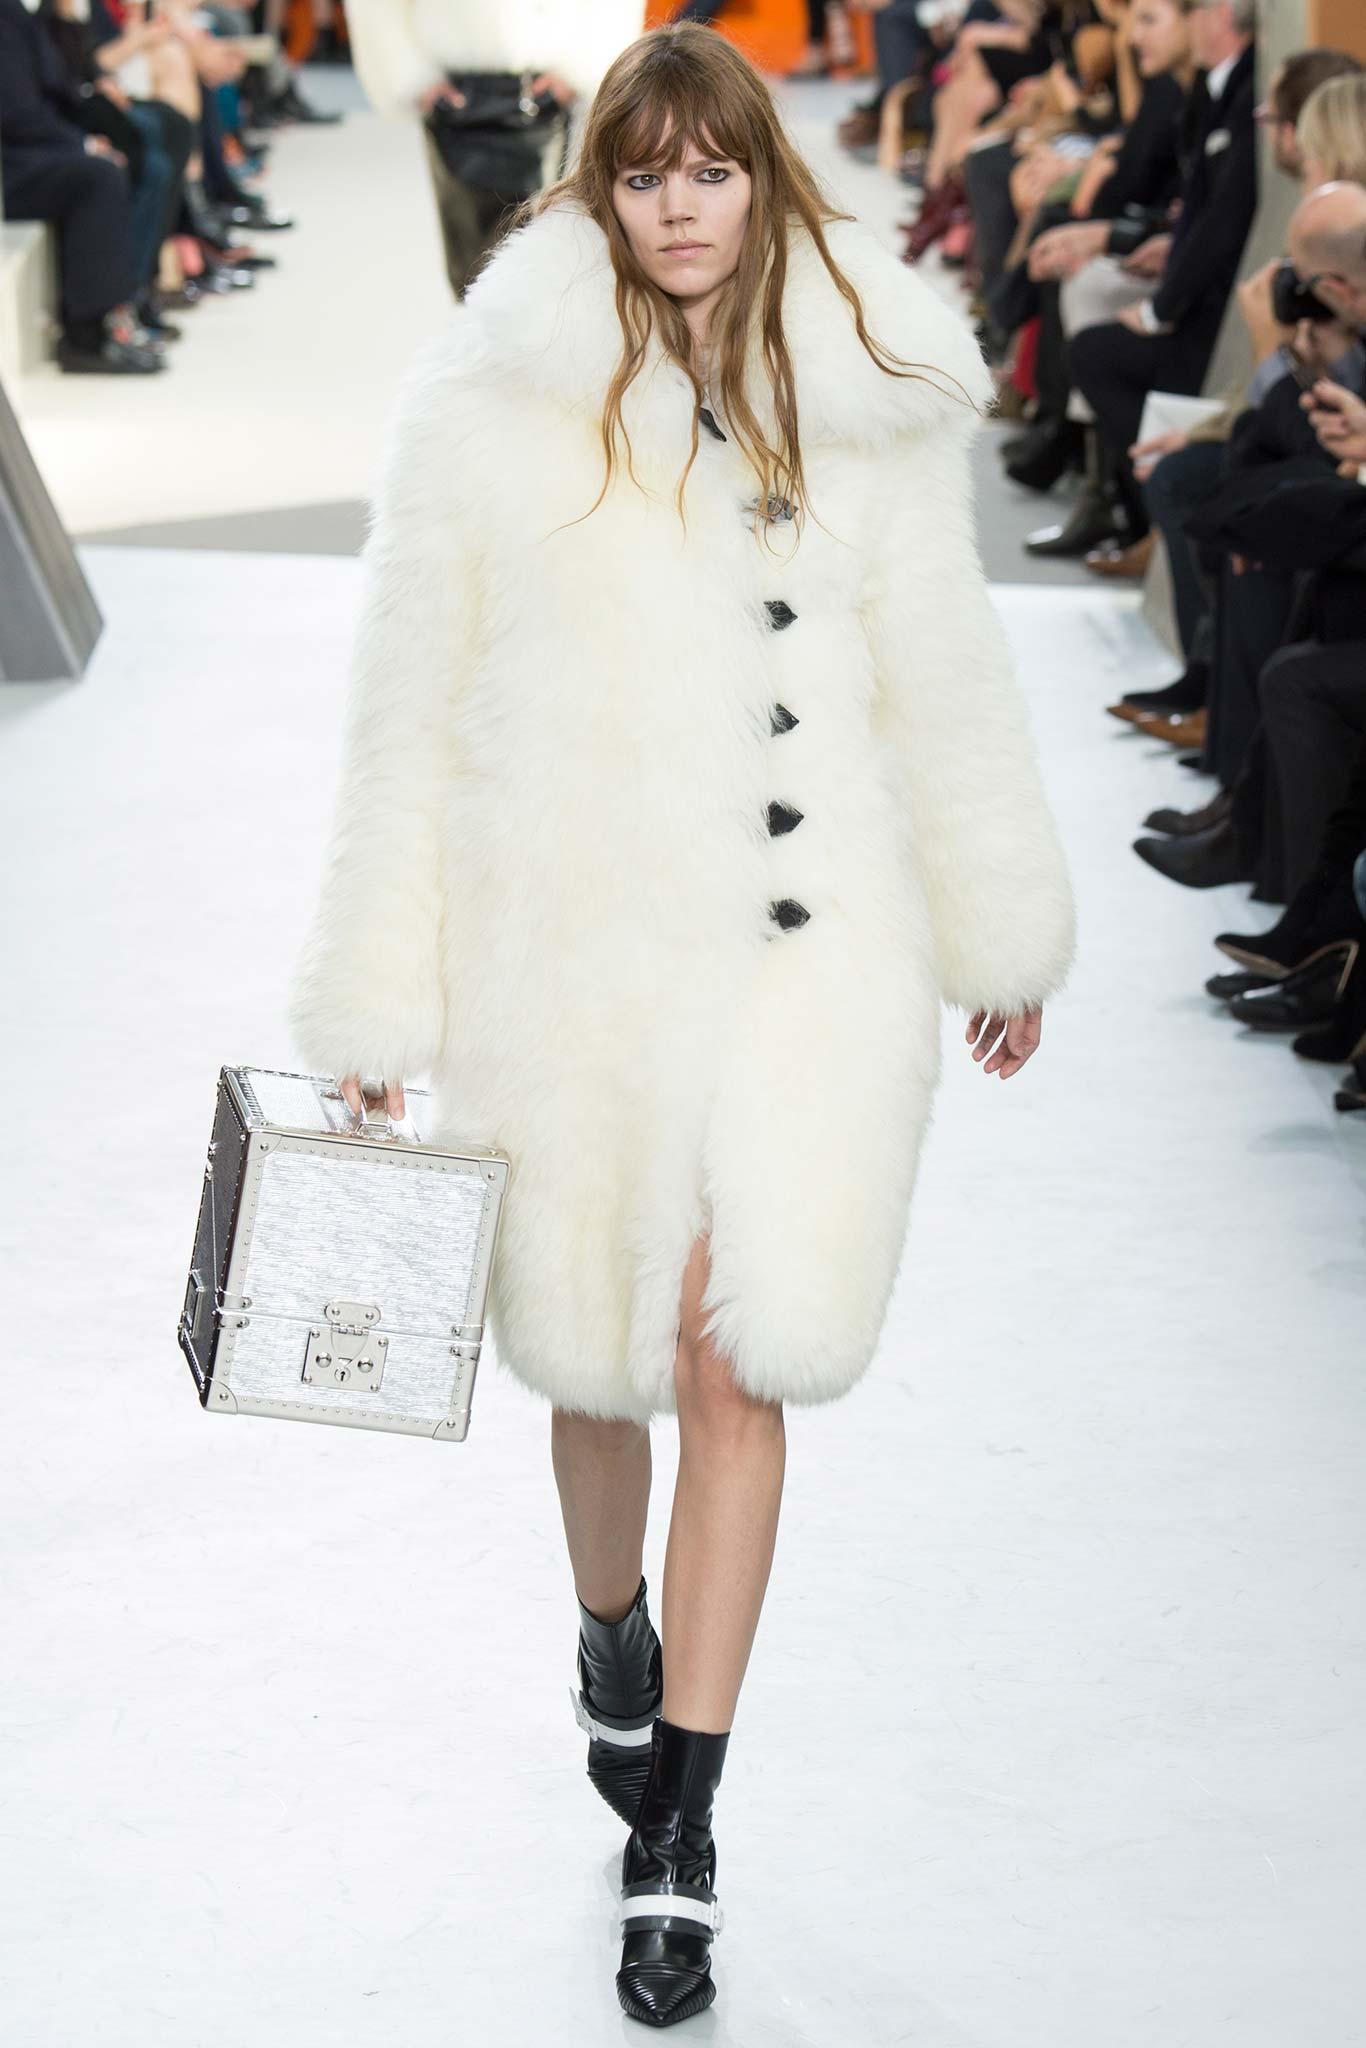 La nuova Moda. Luis Vuitton